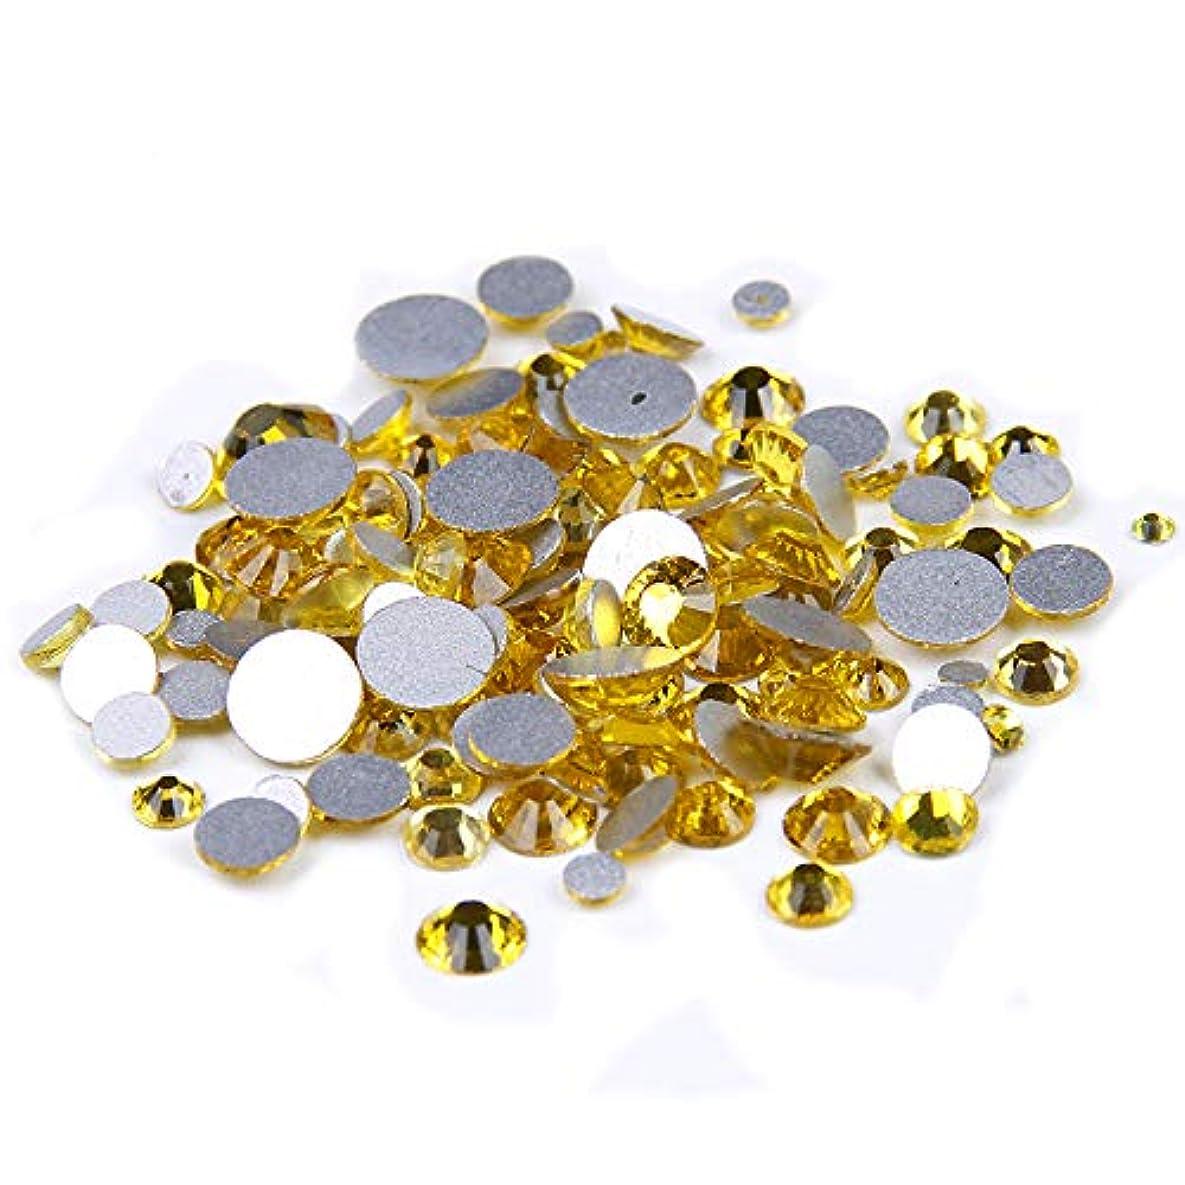 積極的にかんたん奇妙なNizi ジュエリー ブランド シトリン ラインストーン は ガラスの材質 ネイル使用 型番ss3-ss34 (SS20 1440pcs)